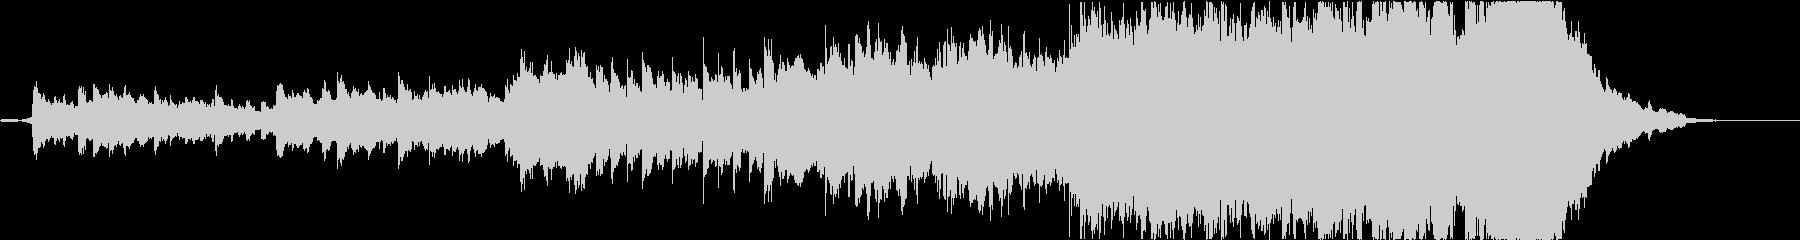 クラシック 交響曲 感情的 バラー...の未再生の波形